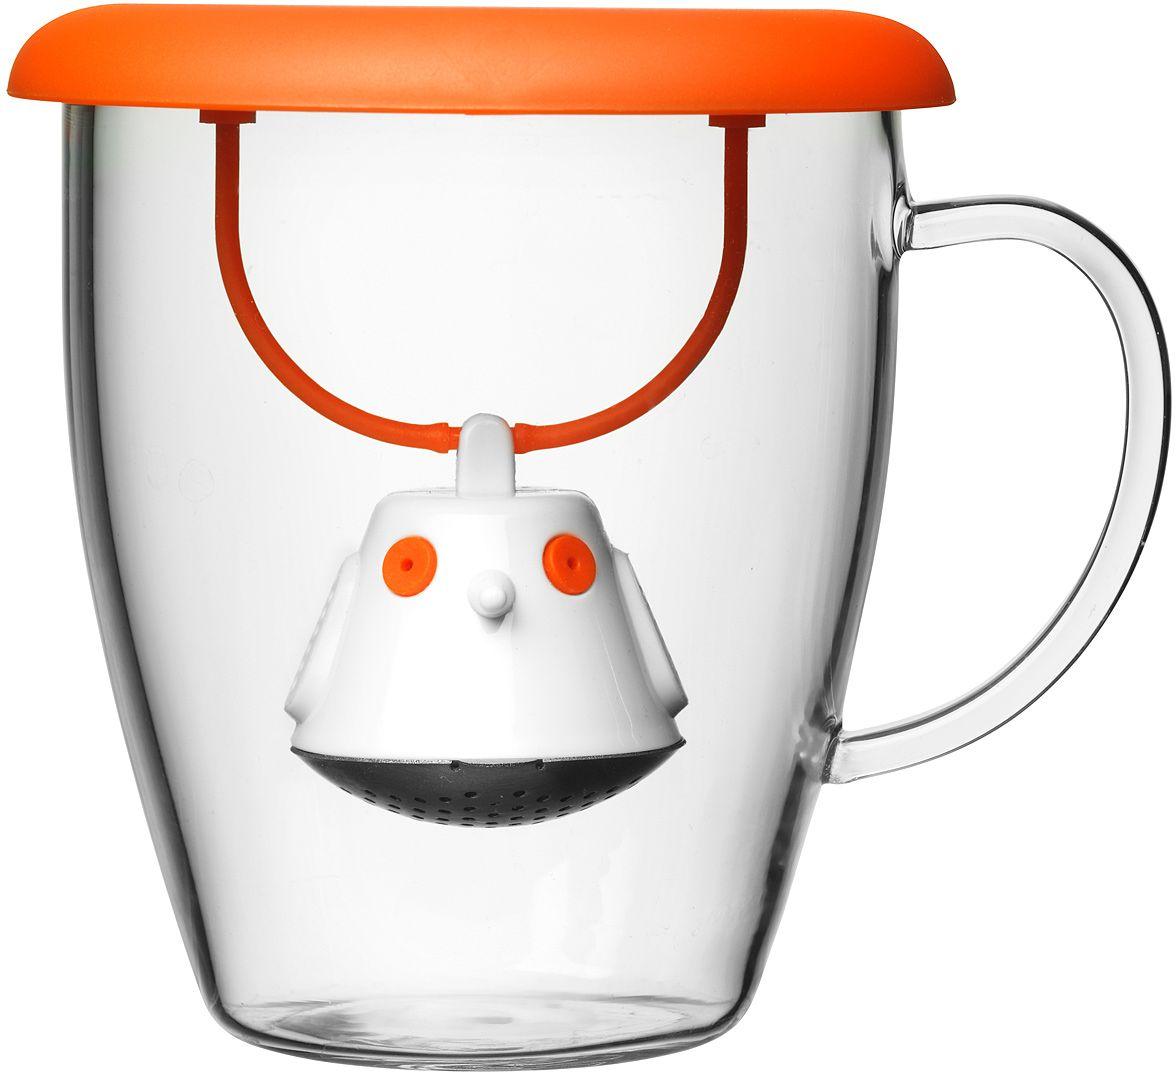 Кружка QDO Birdie Swing Nest, с емкостью для заваривания чая, цвет: оранжевый54 009312Кружка с необычной емкостью для заваривания чая в виде птички. Снабжена крышкой для кружки, с помощью которой можно быстро и безопасно приготовить любимый напиток. Одним легким движением откройте стальной фильтр, наполните его необходимым количеством чайных листьев, так же легко закройте и поместите в горячую воду. Крышка не только поможет чаю завариться быстрее, но и убережет ваши пальцы от возможного нагревания. Когда чай готов, просто поднимите крышку, переверните и положите на стол. Вся жидкость с заварника будет стекать в нее, как в поднос - очень удобно.